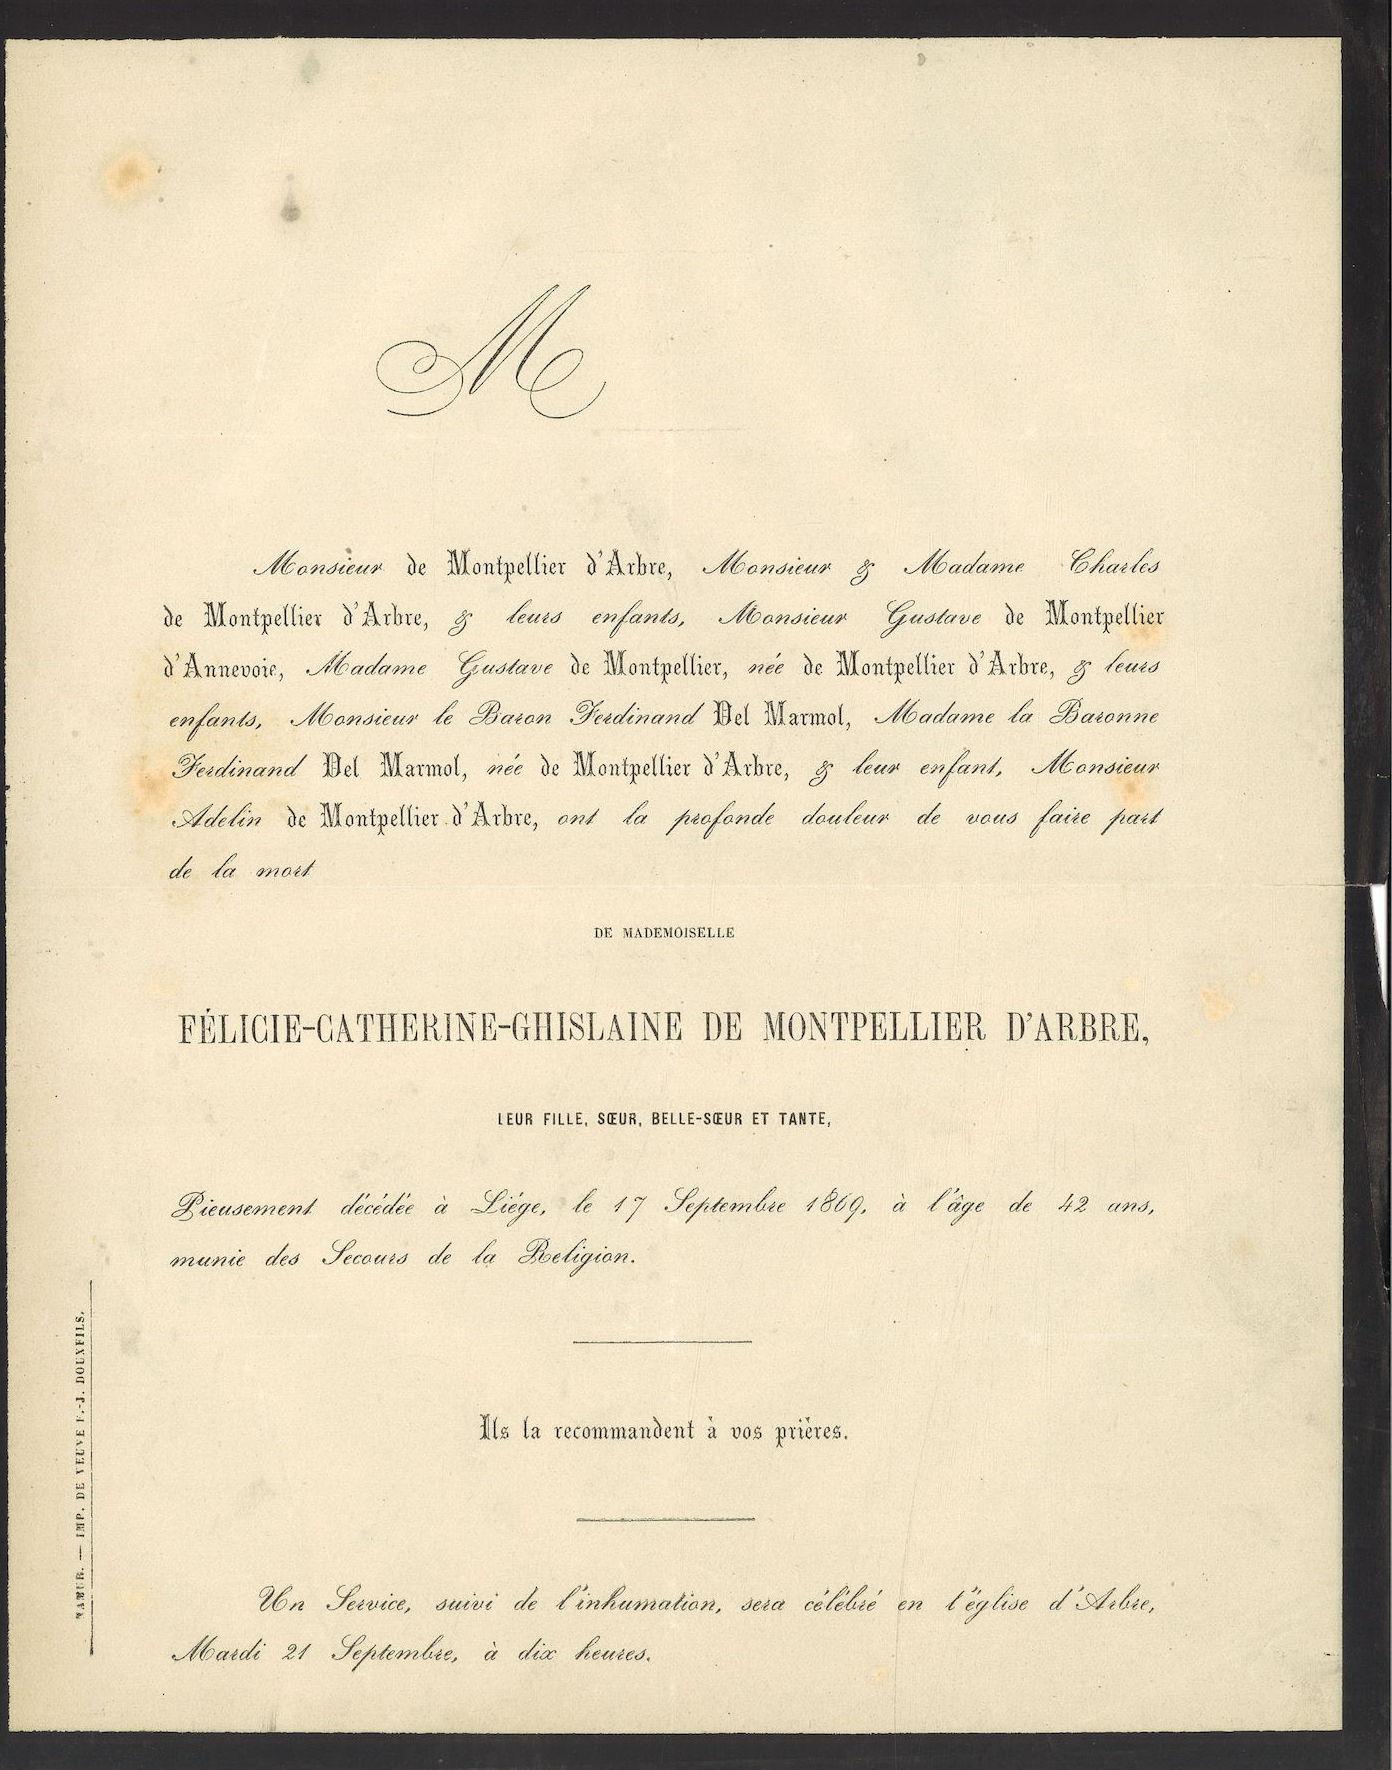 Félicie-Catherine-Ghislaine de Montpellier d' Arbre